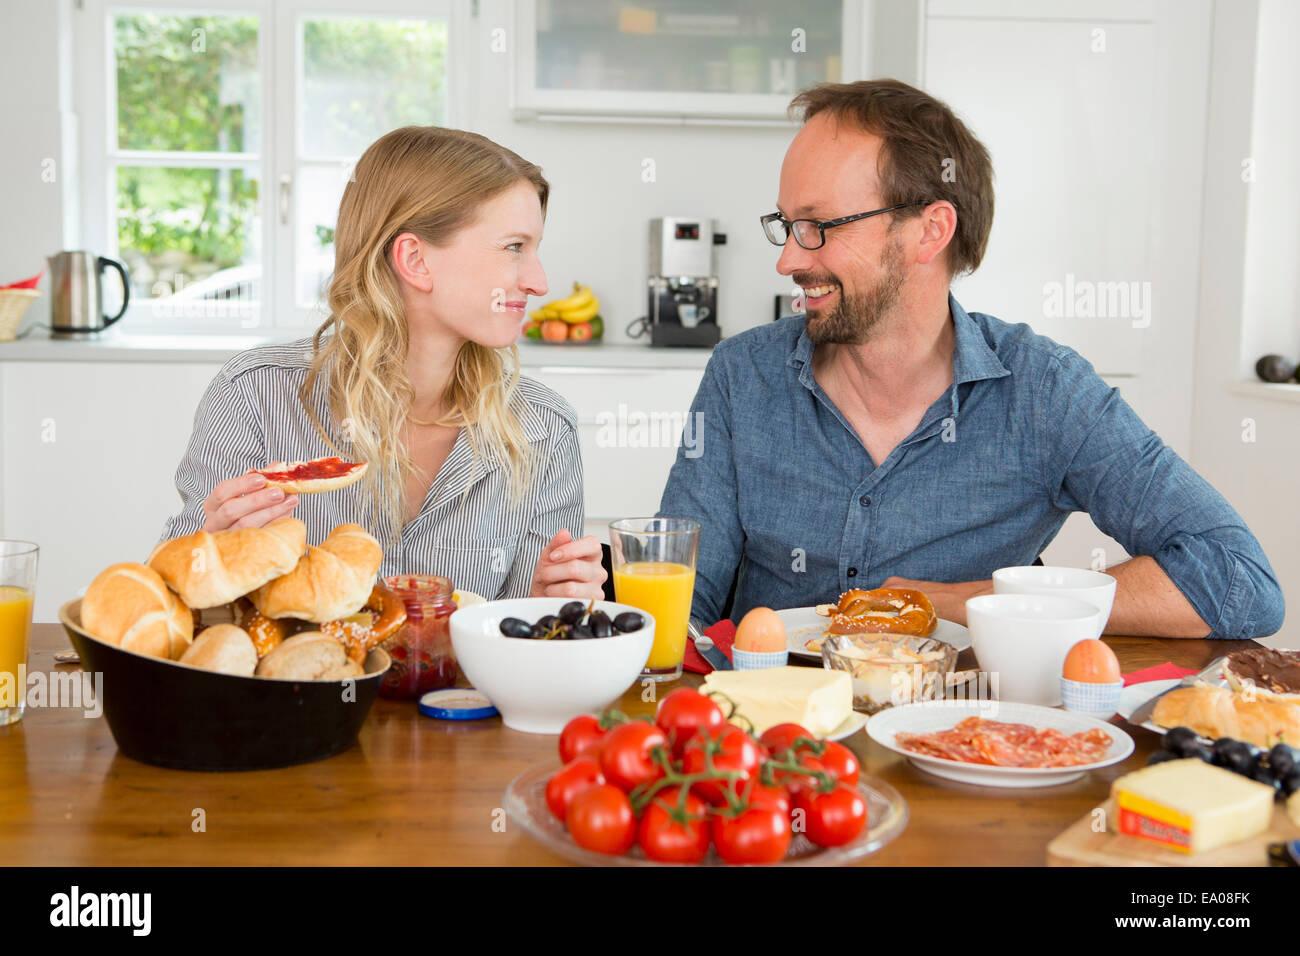 Paar Essen am Küchentisch Stockfoto, Bild: 74994743 - Alamy